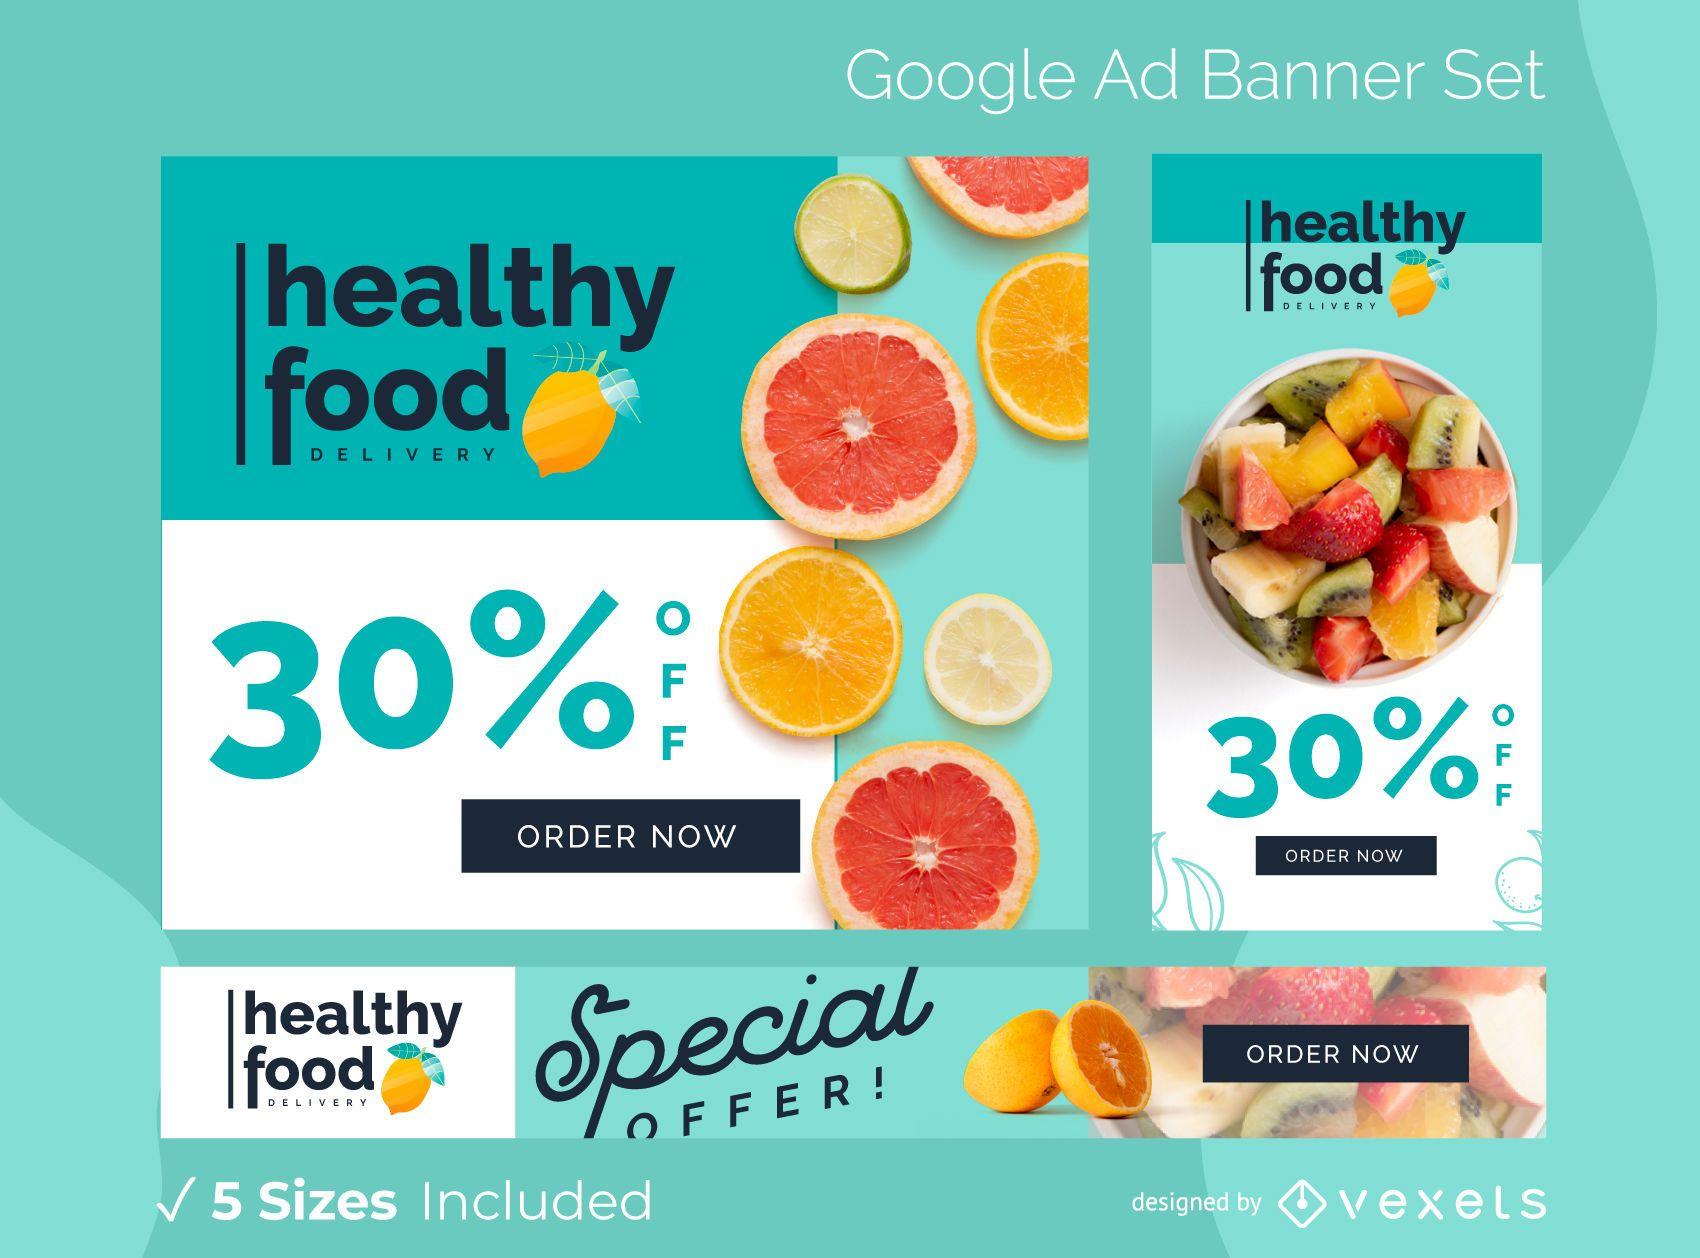 Google Ads Healthy Food Banner Set